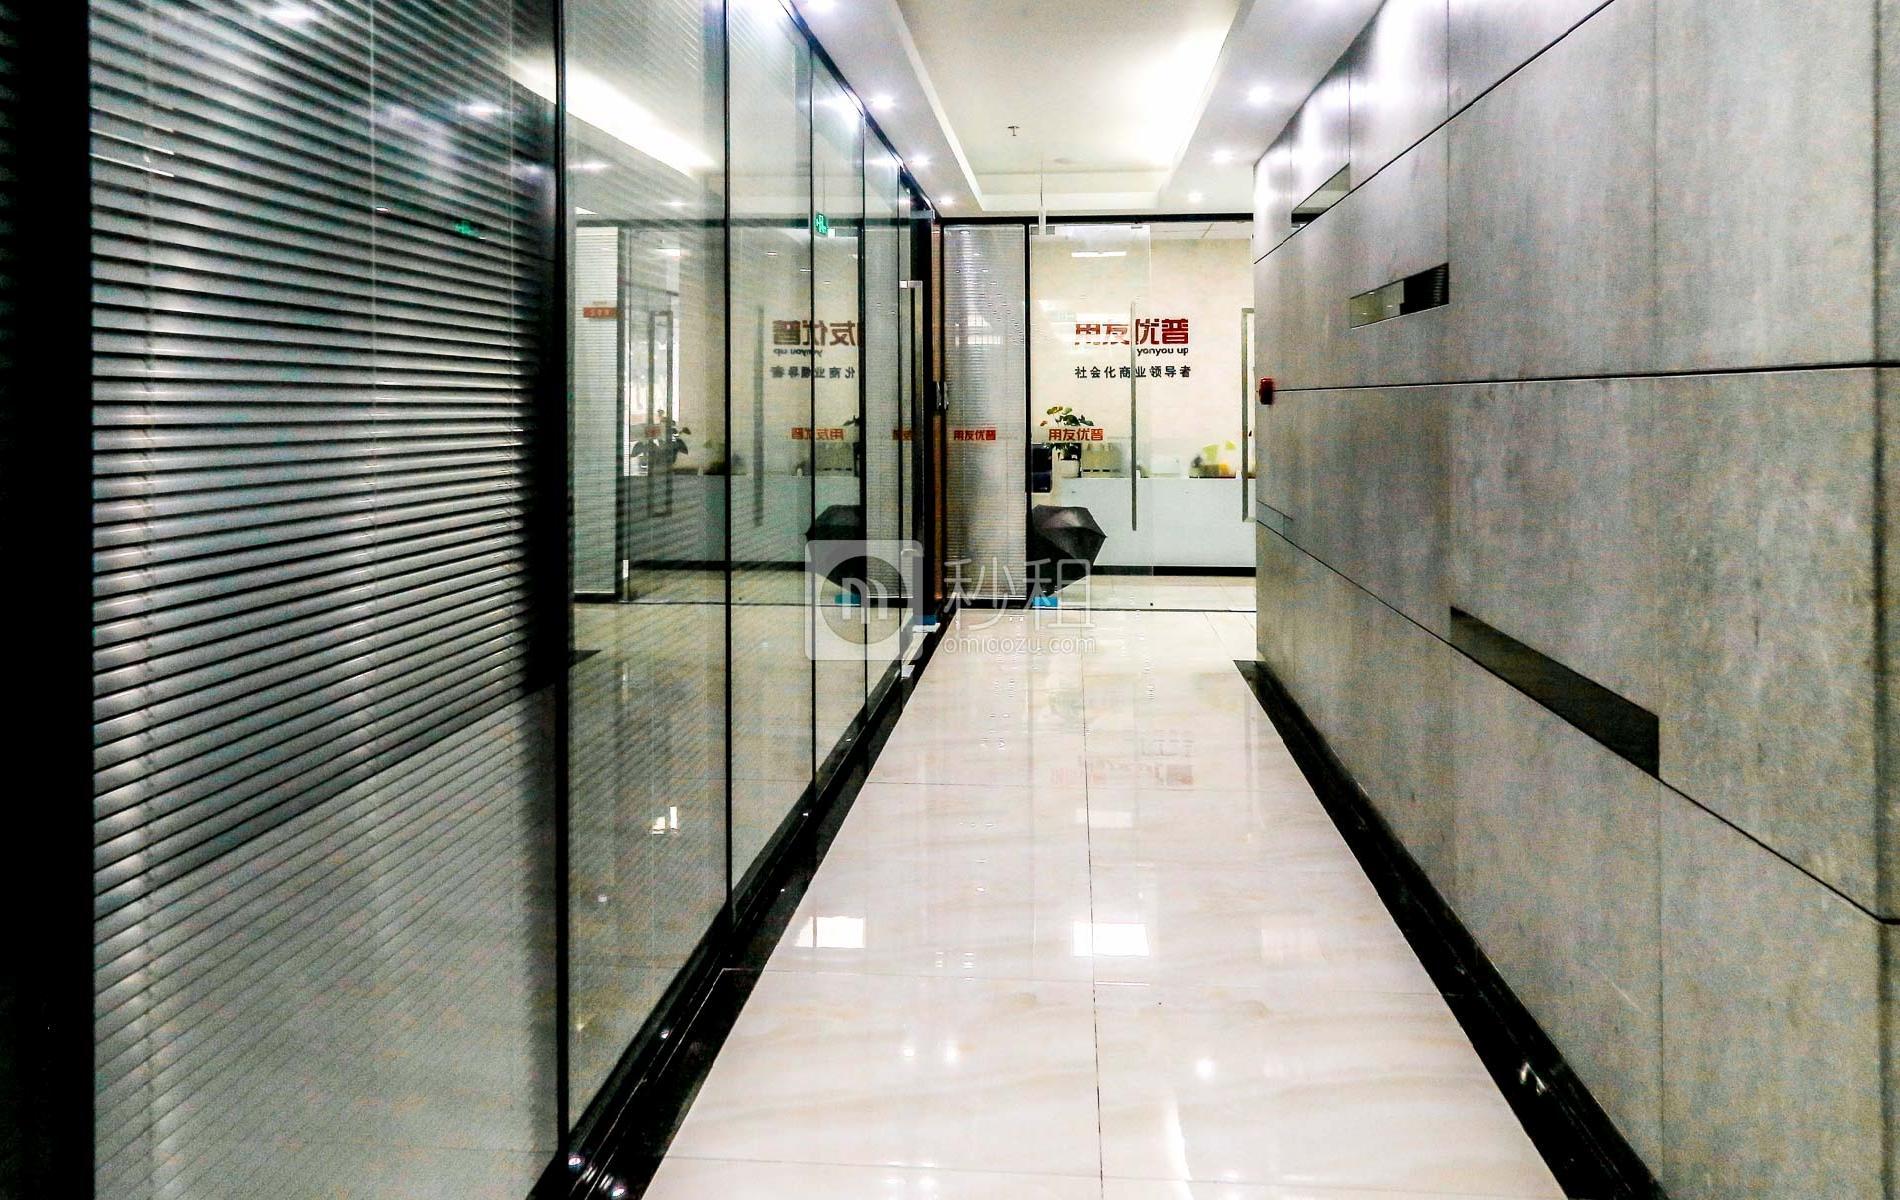 环球数码大厦写字楼出租/招租/租赁,环球数码大厦办公室出租/招租/租赁